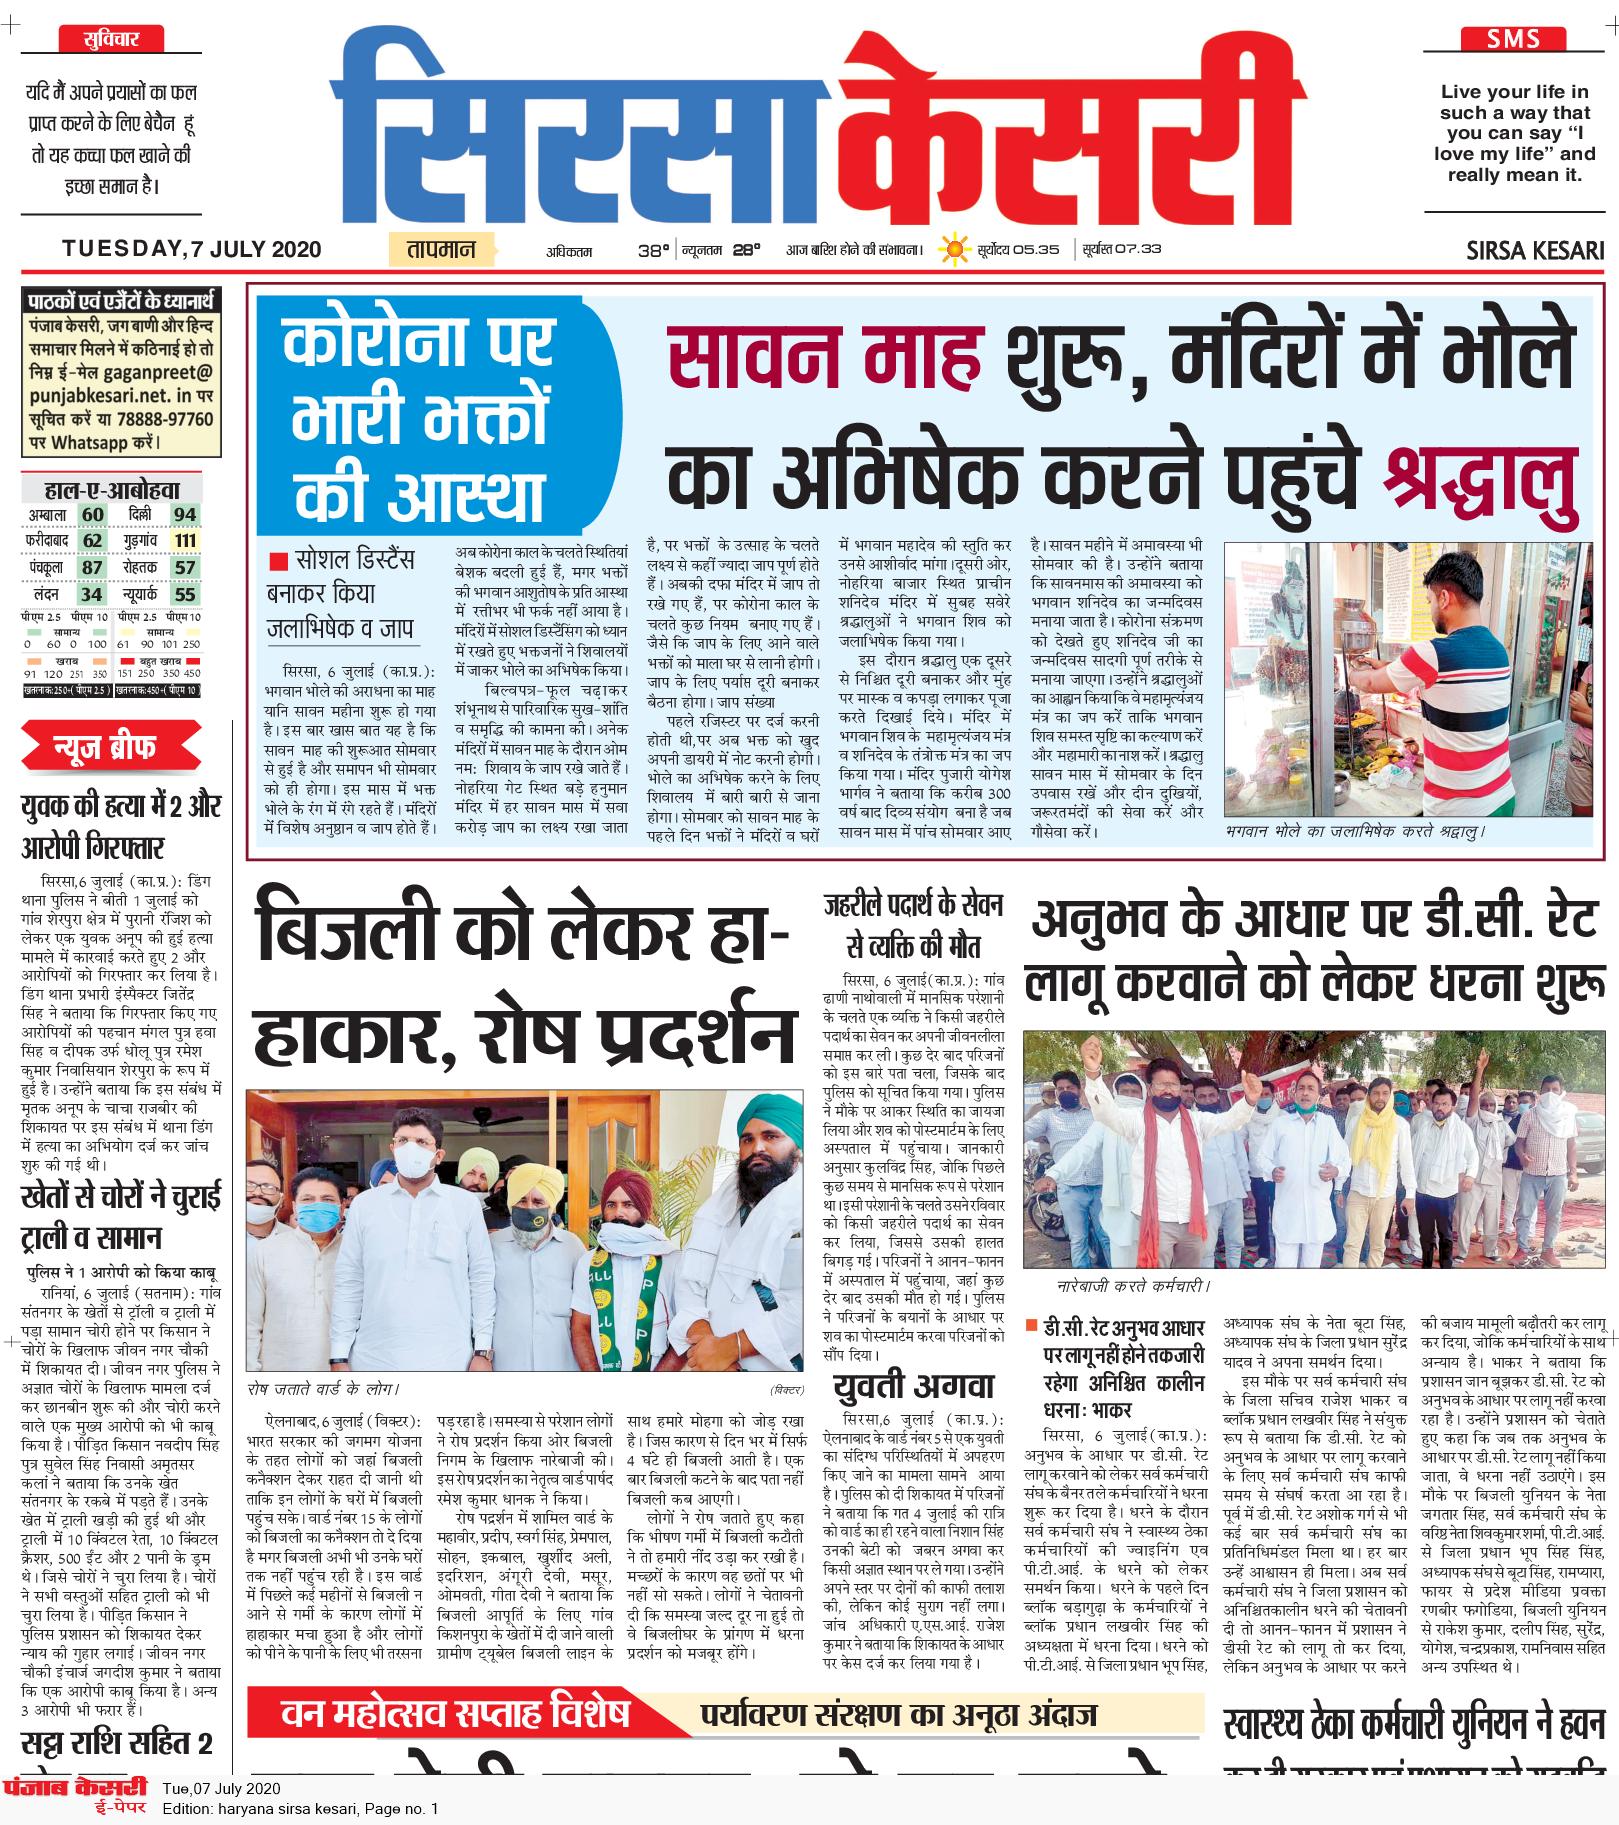 Haryana Sirsa Kesari 7/7/2020 12:00:00 AM